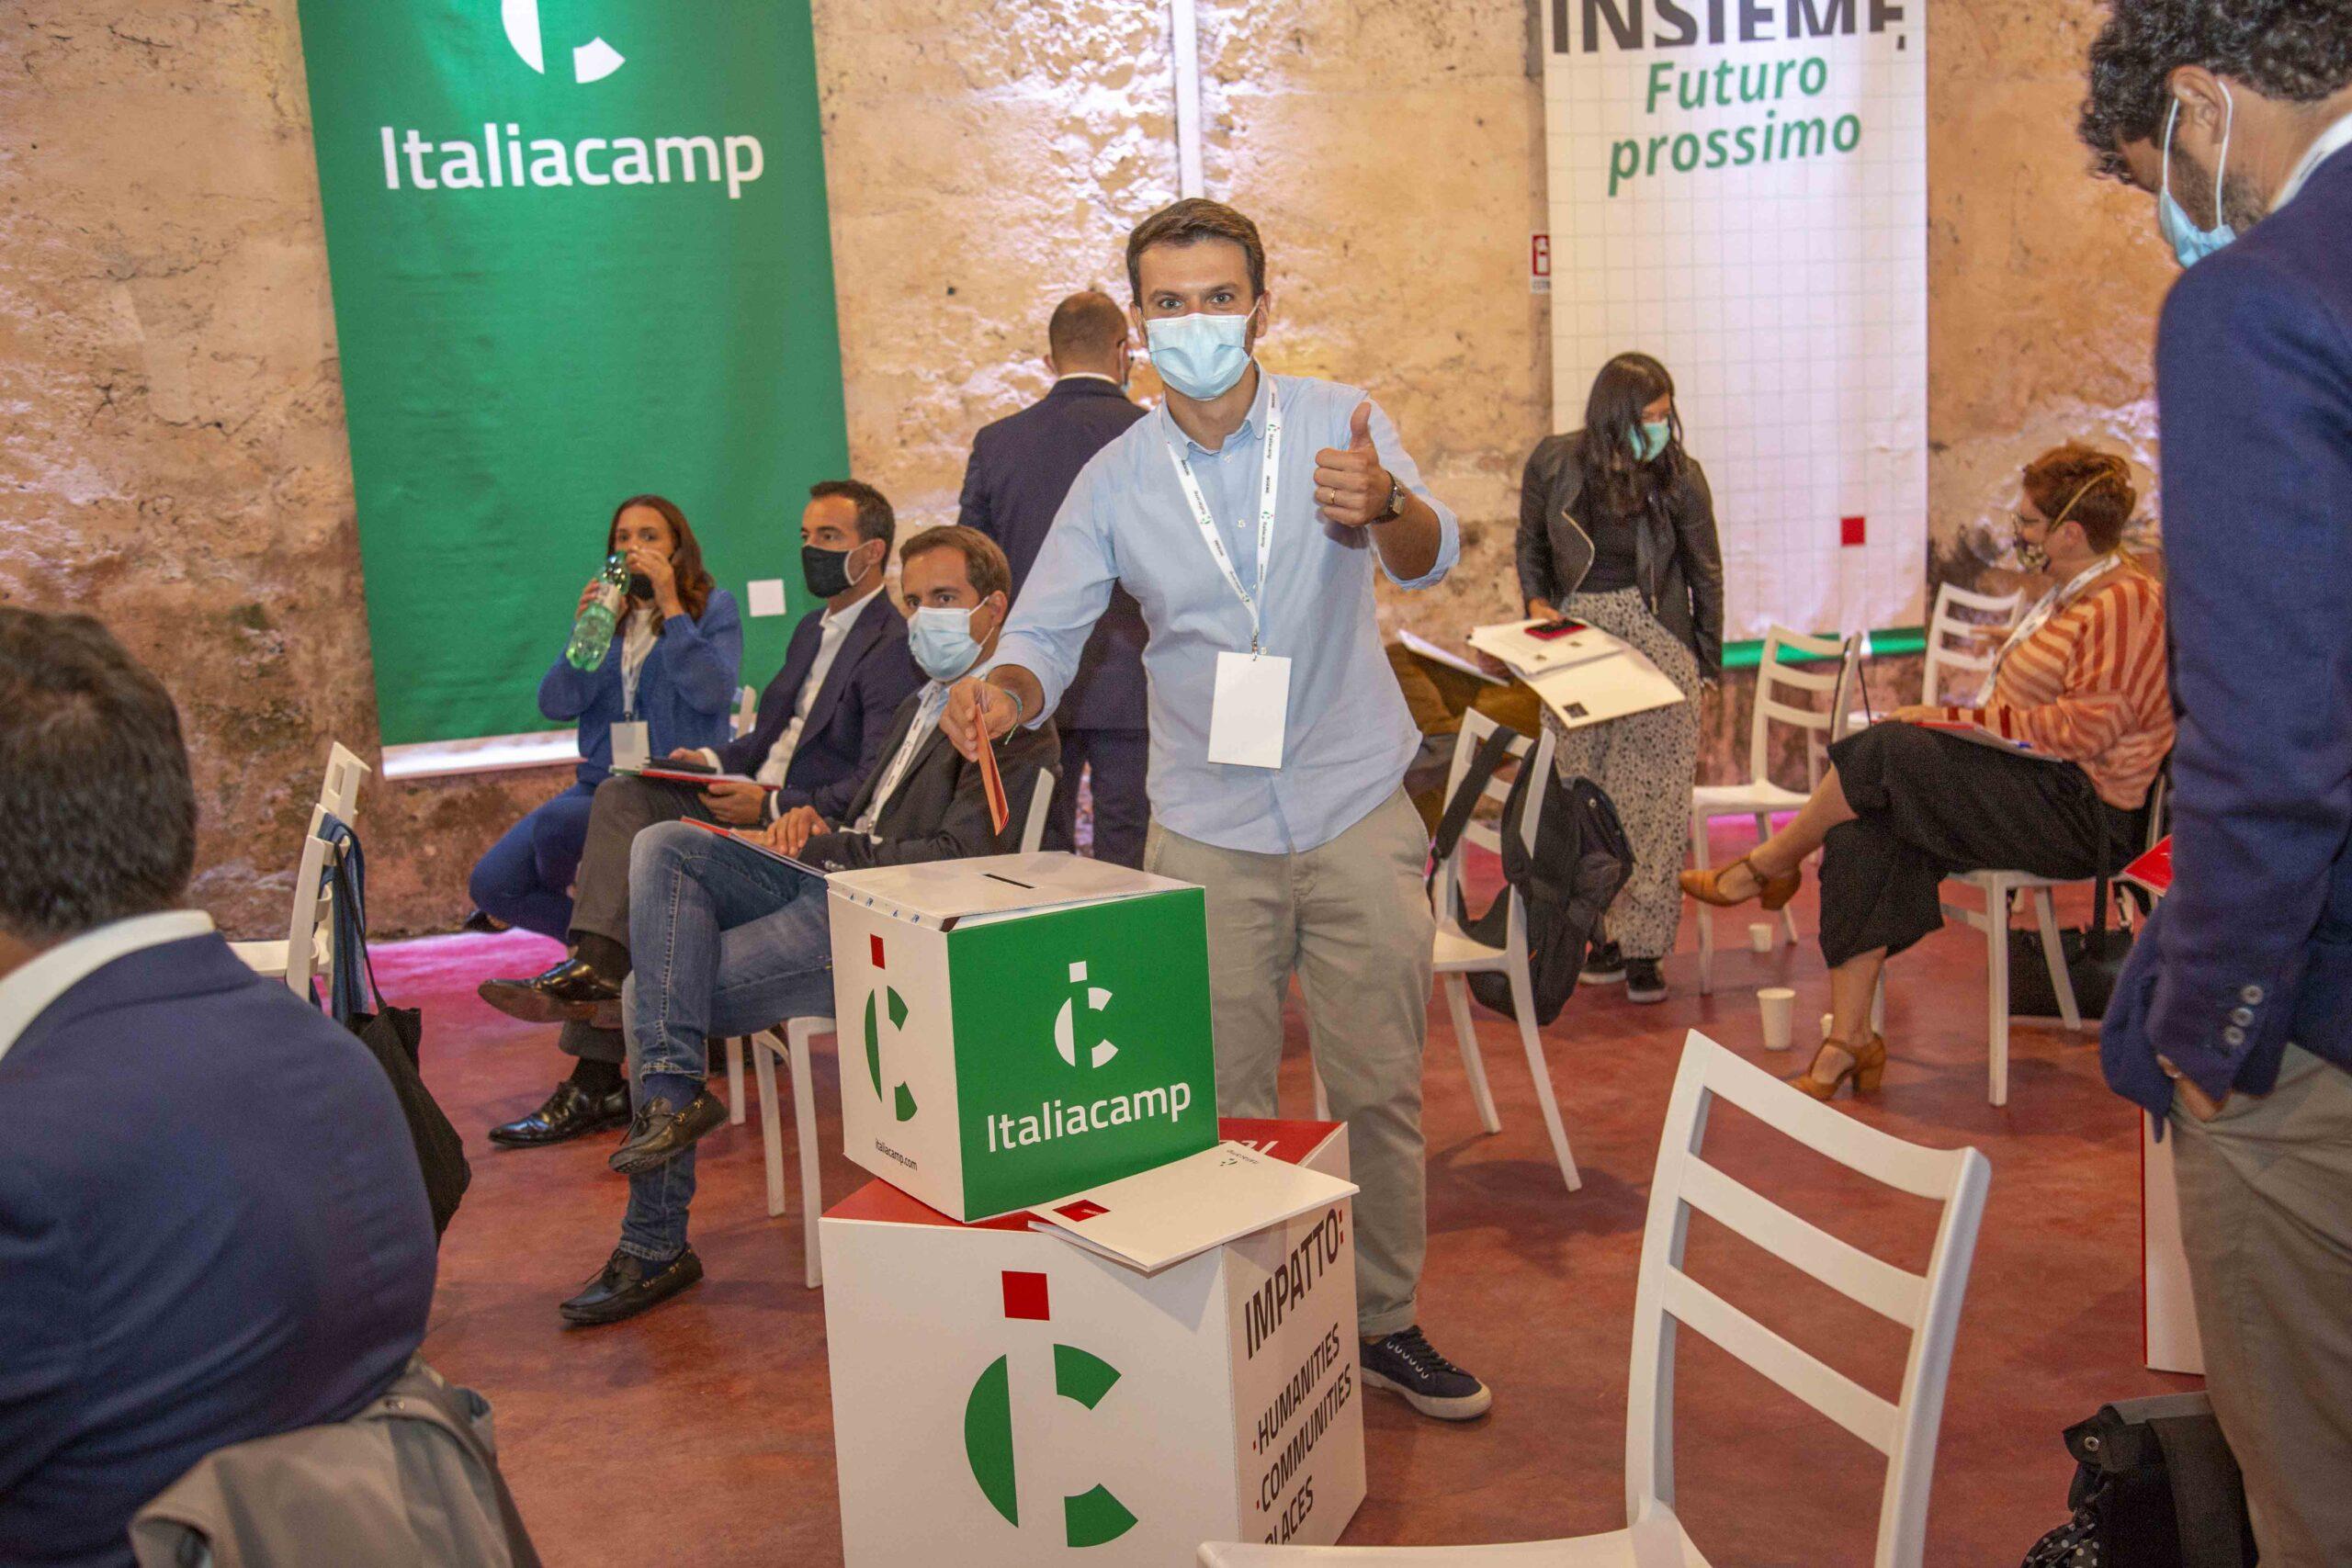 votazione assemblea associazione Italiacamp